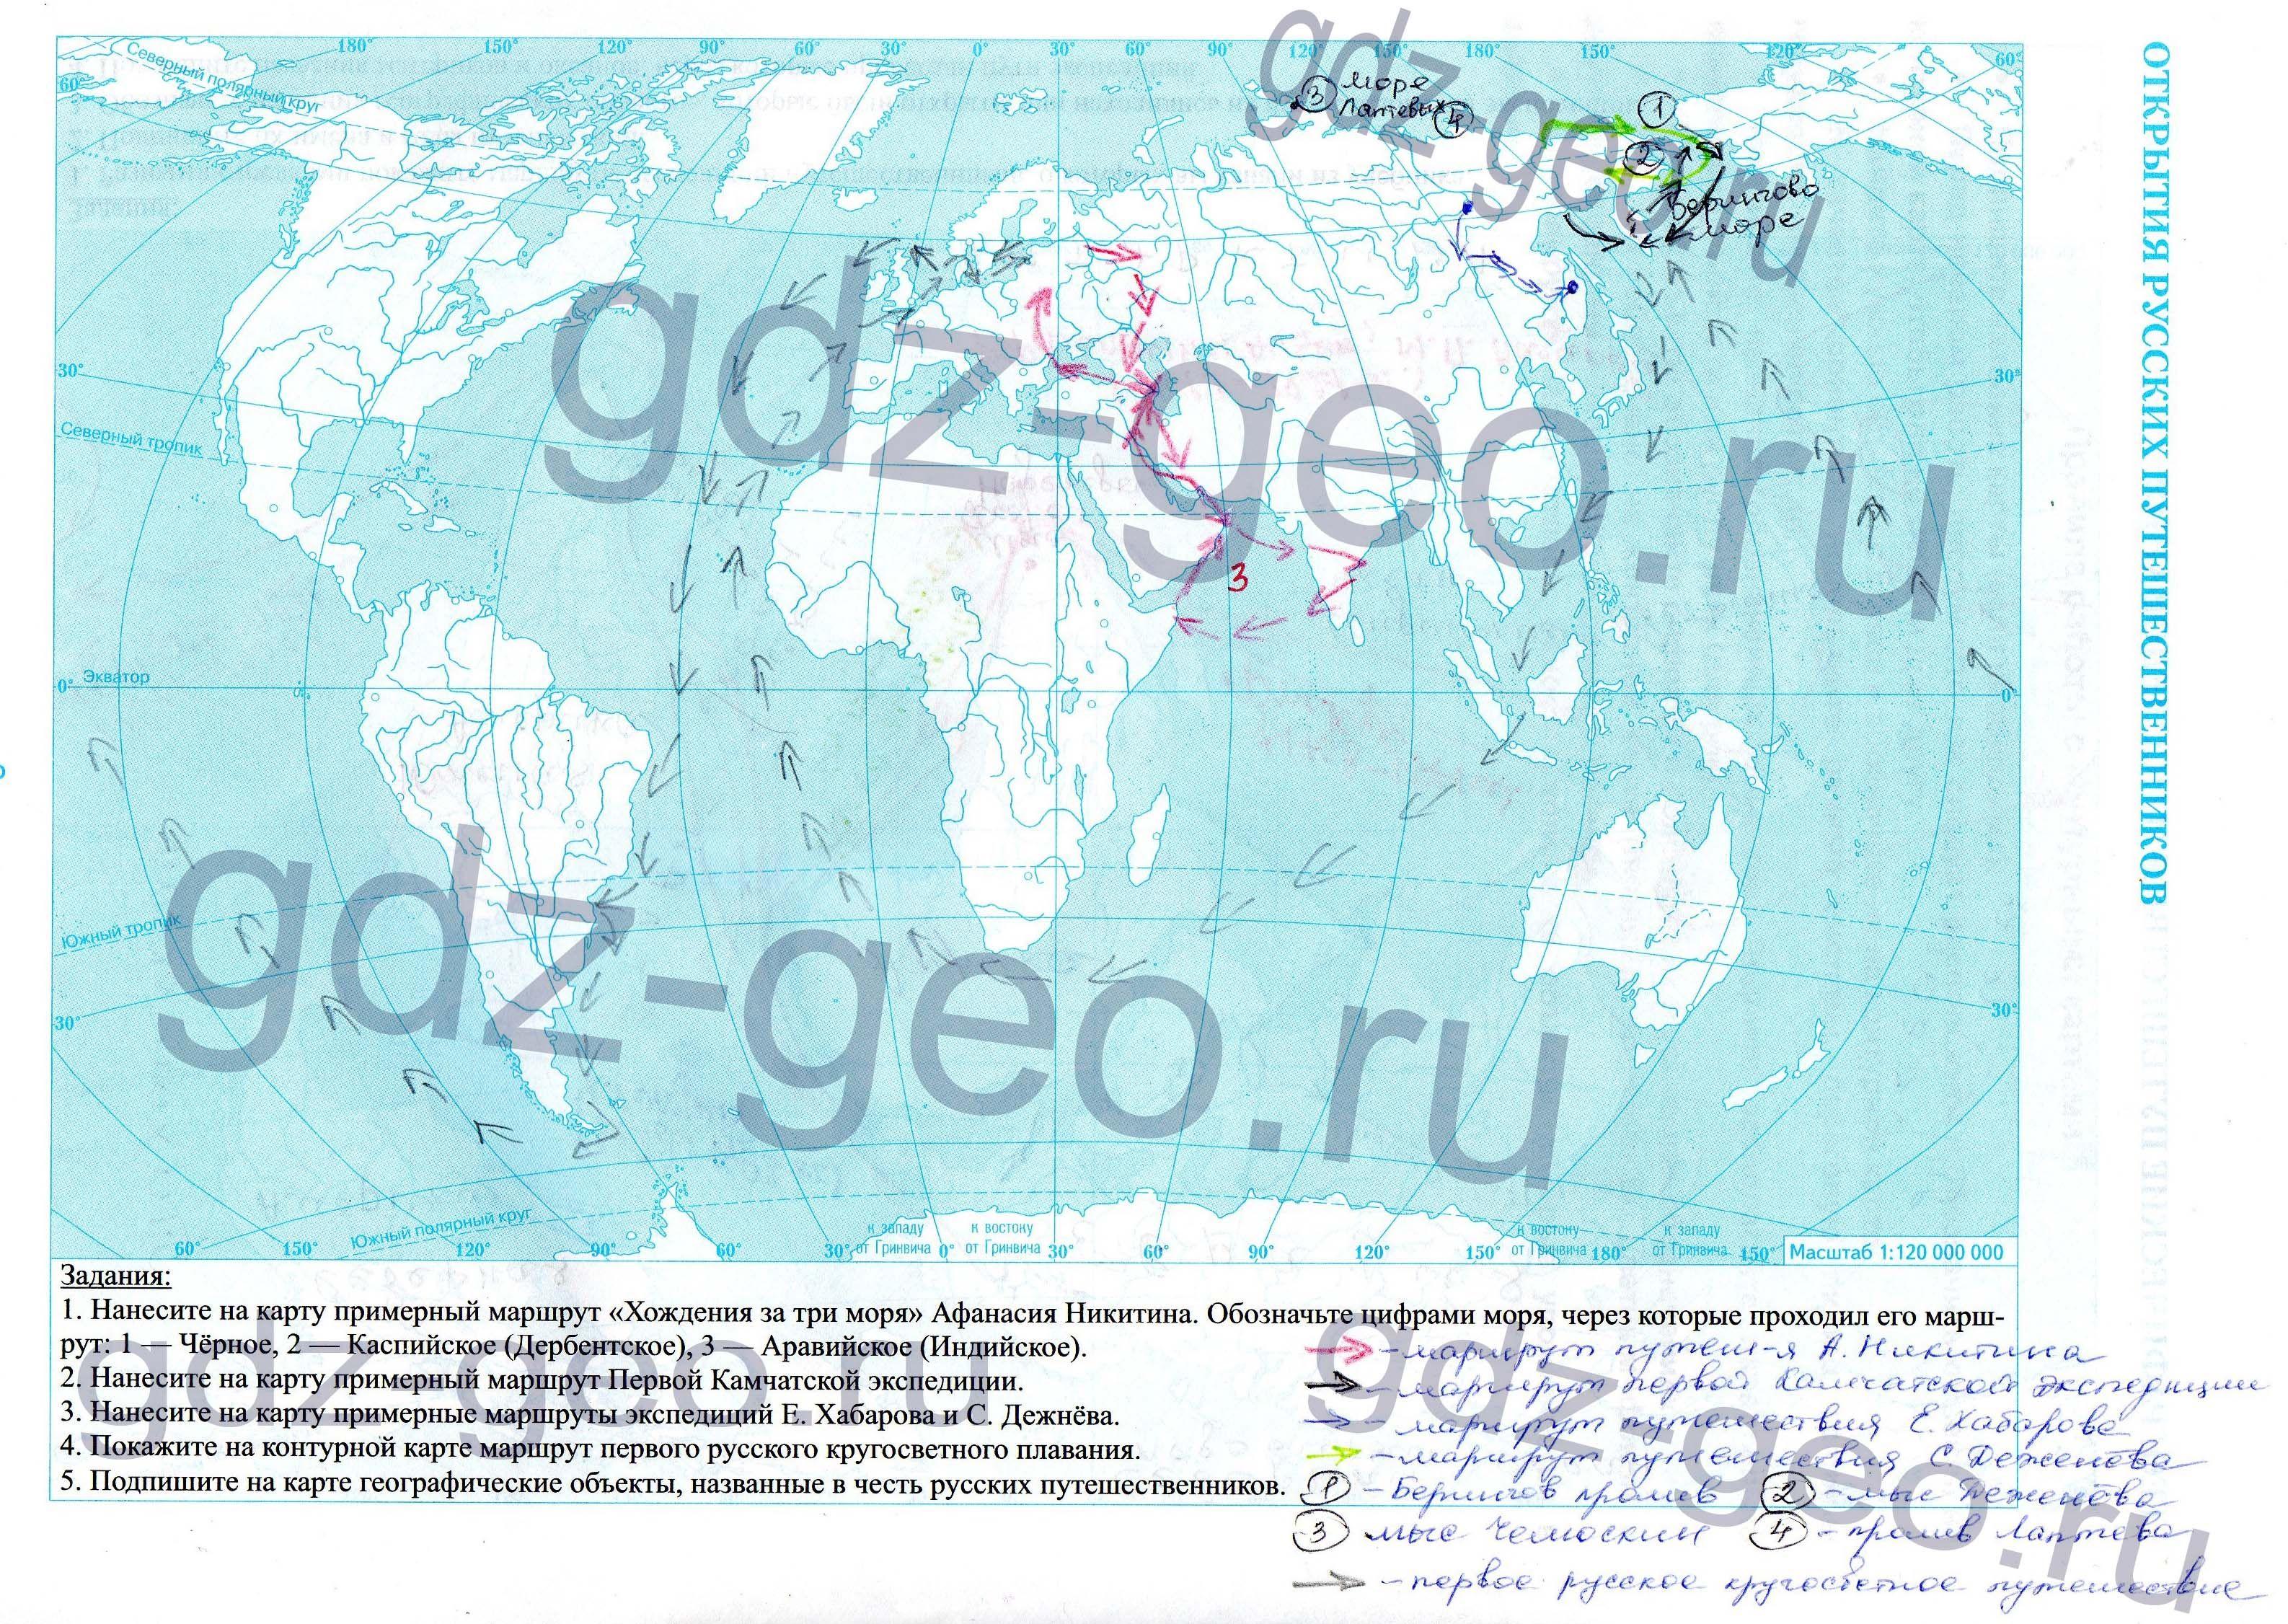 гдз по географии 5 класс решебник